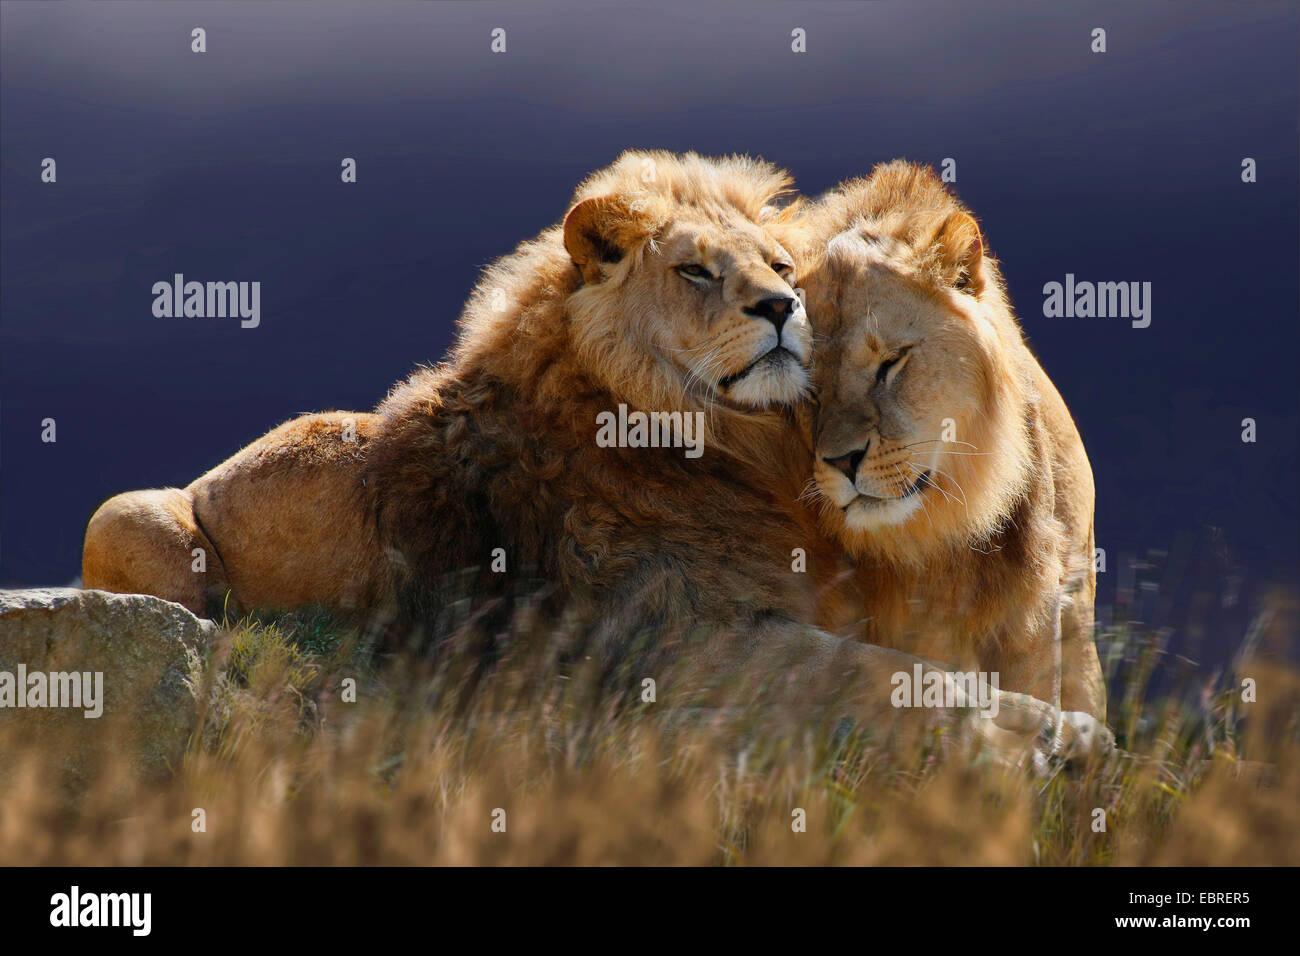 lion (Panthera leo), two smooching lions, Tanzania, Serengeti National Park - Stock Image